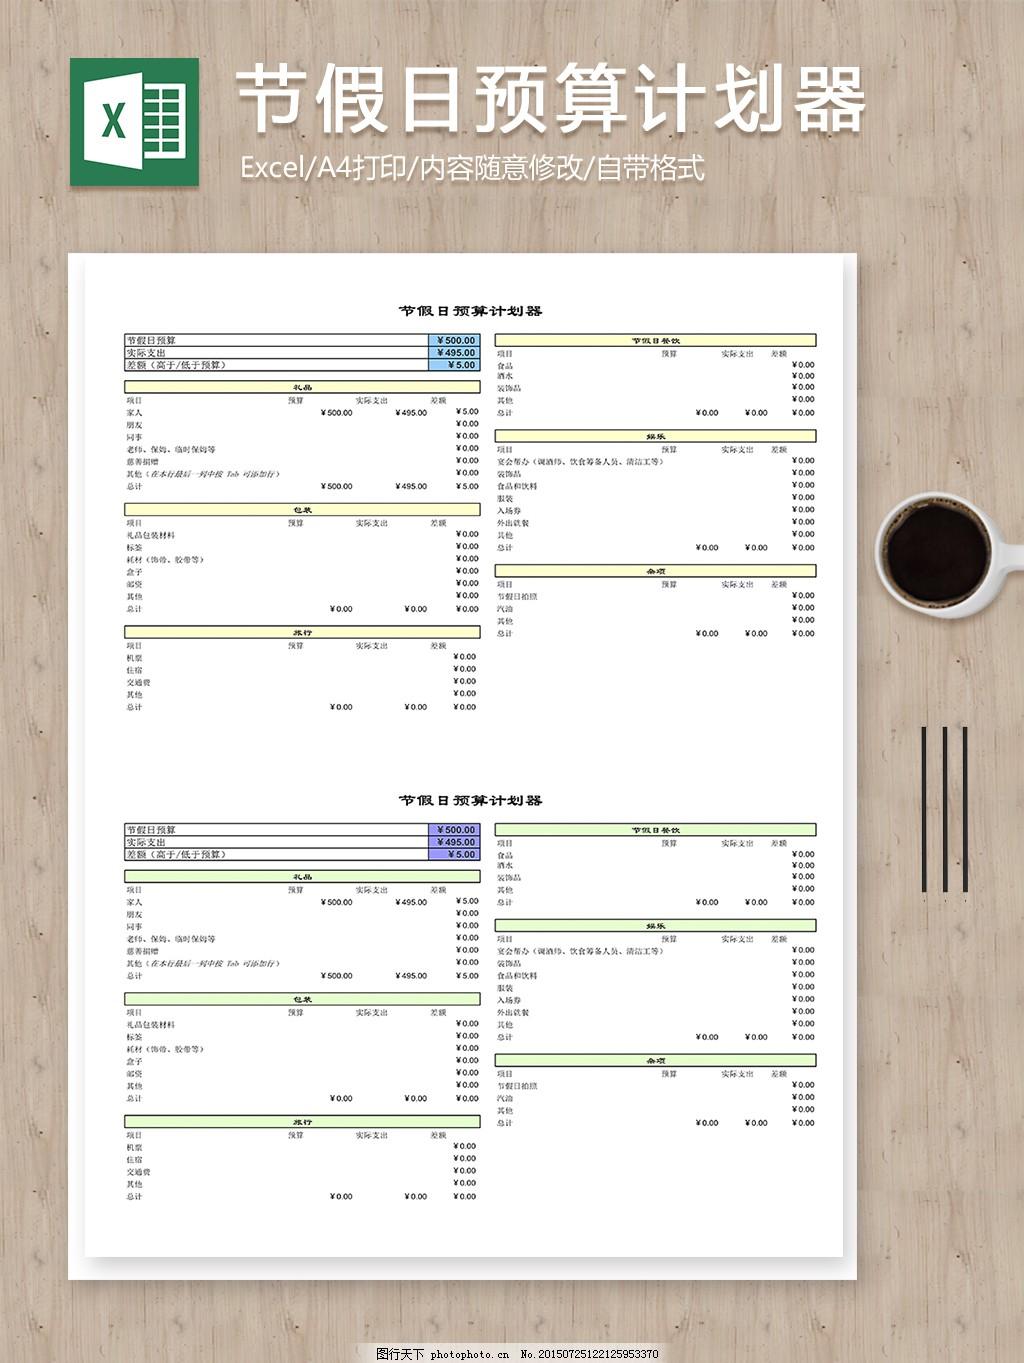 个人简易节假日预算计划跟进表格,表格模板,表格设计,财务报表,财务表格,财务预算表,费用报表